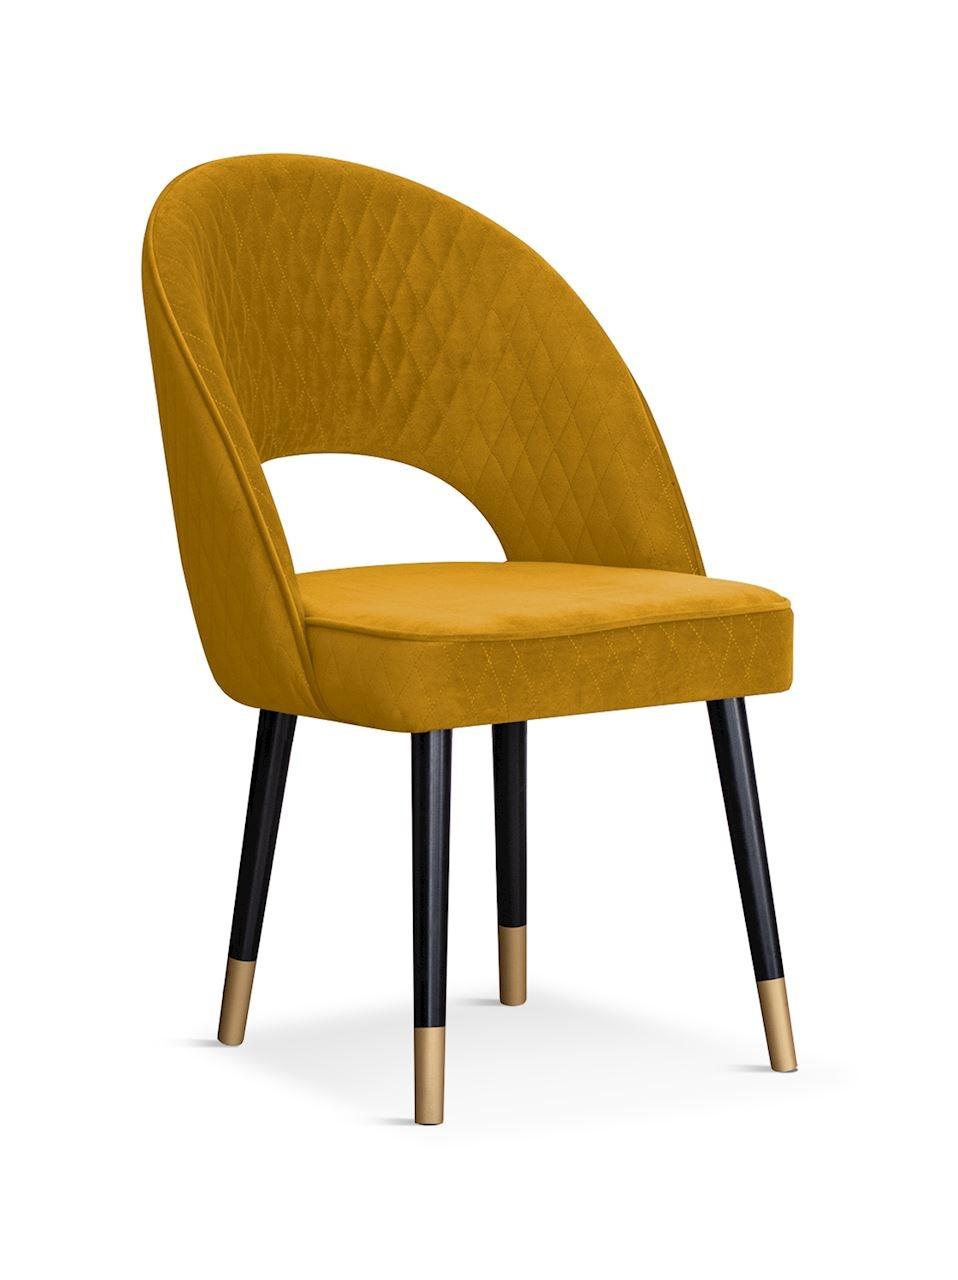 Scaun tapitat cu stofa, cu picioare din lemn Ponte Honey / Black / Gold, l56xA63xH89 cm